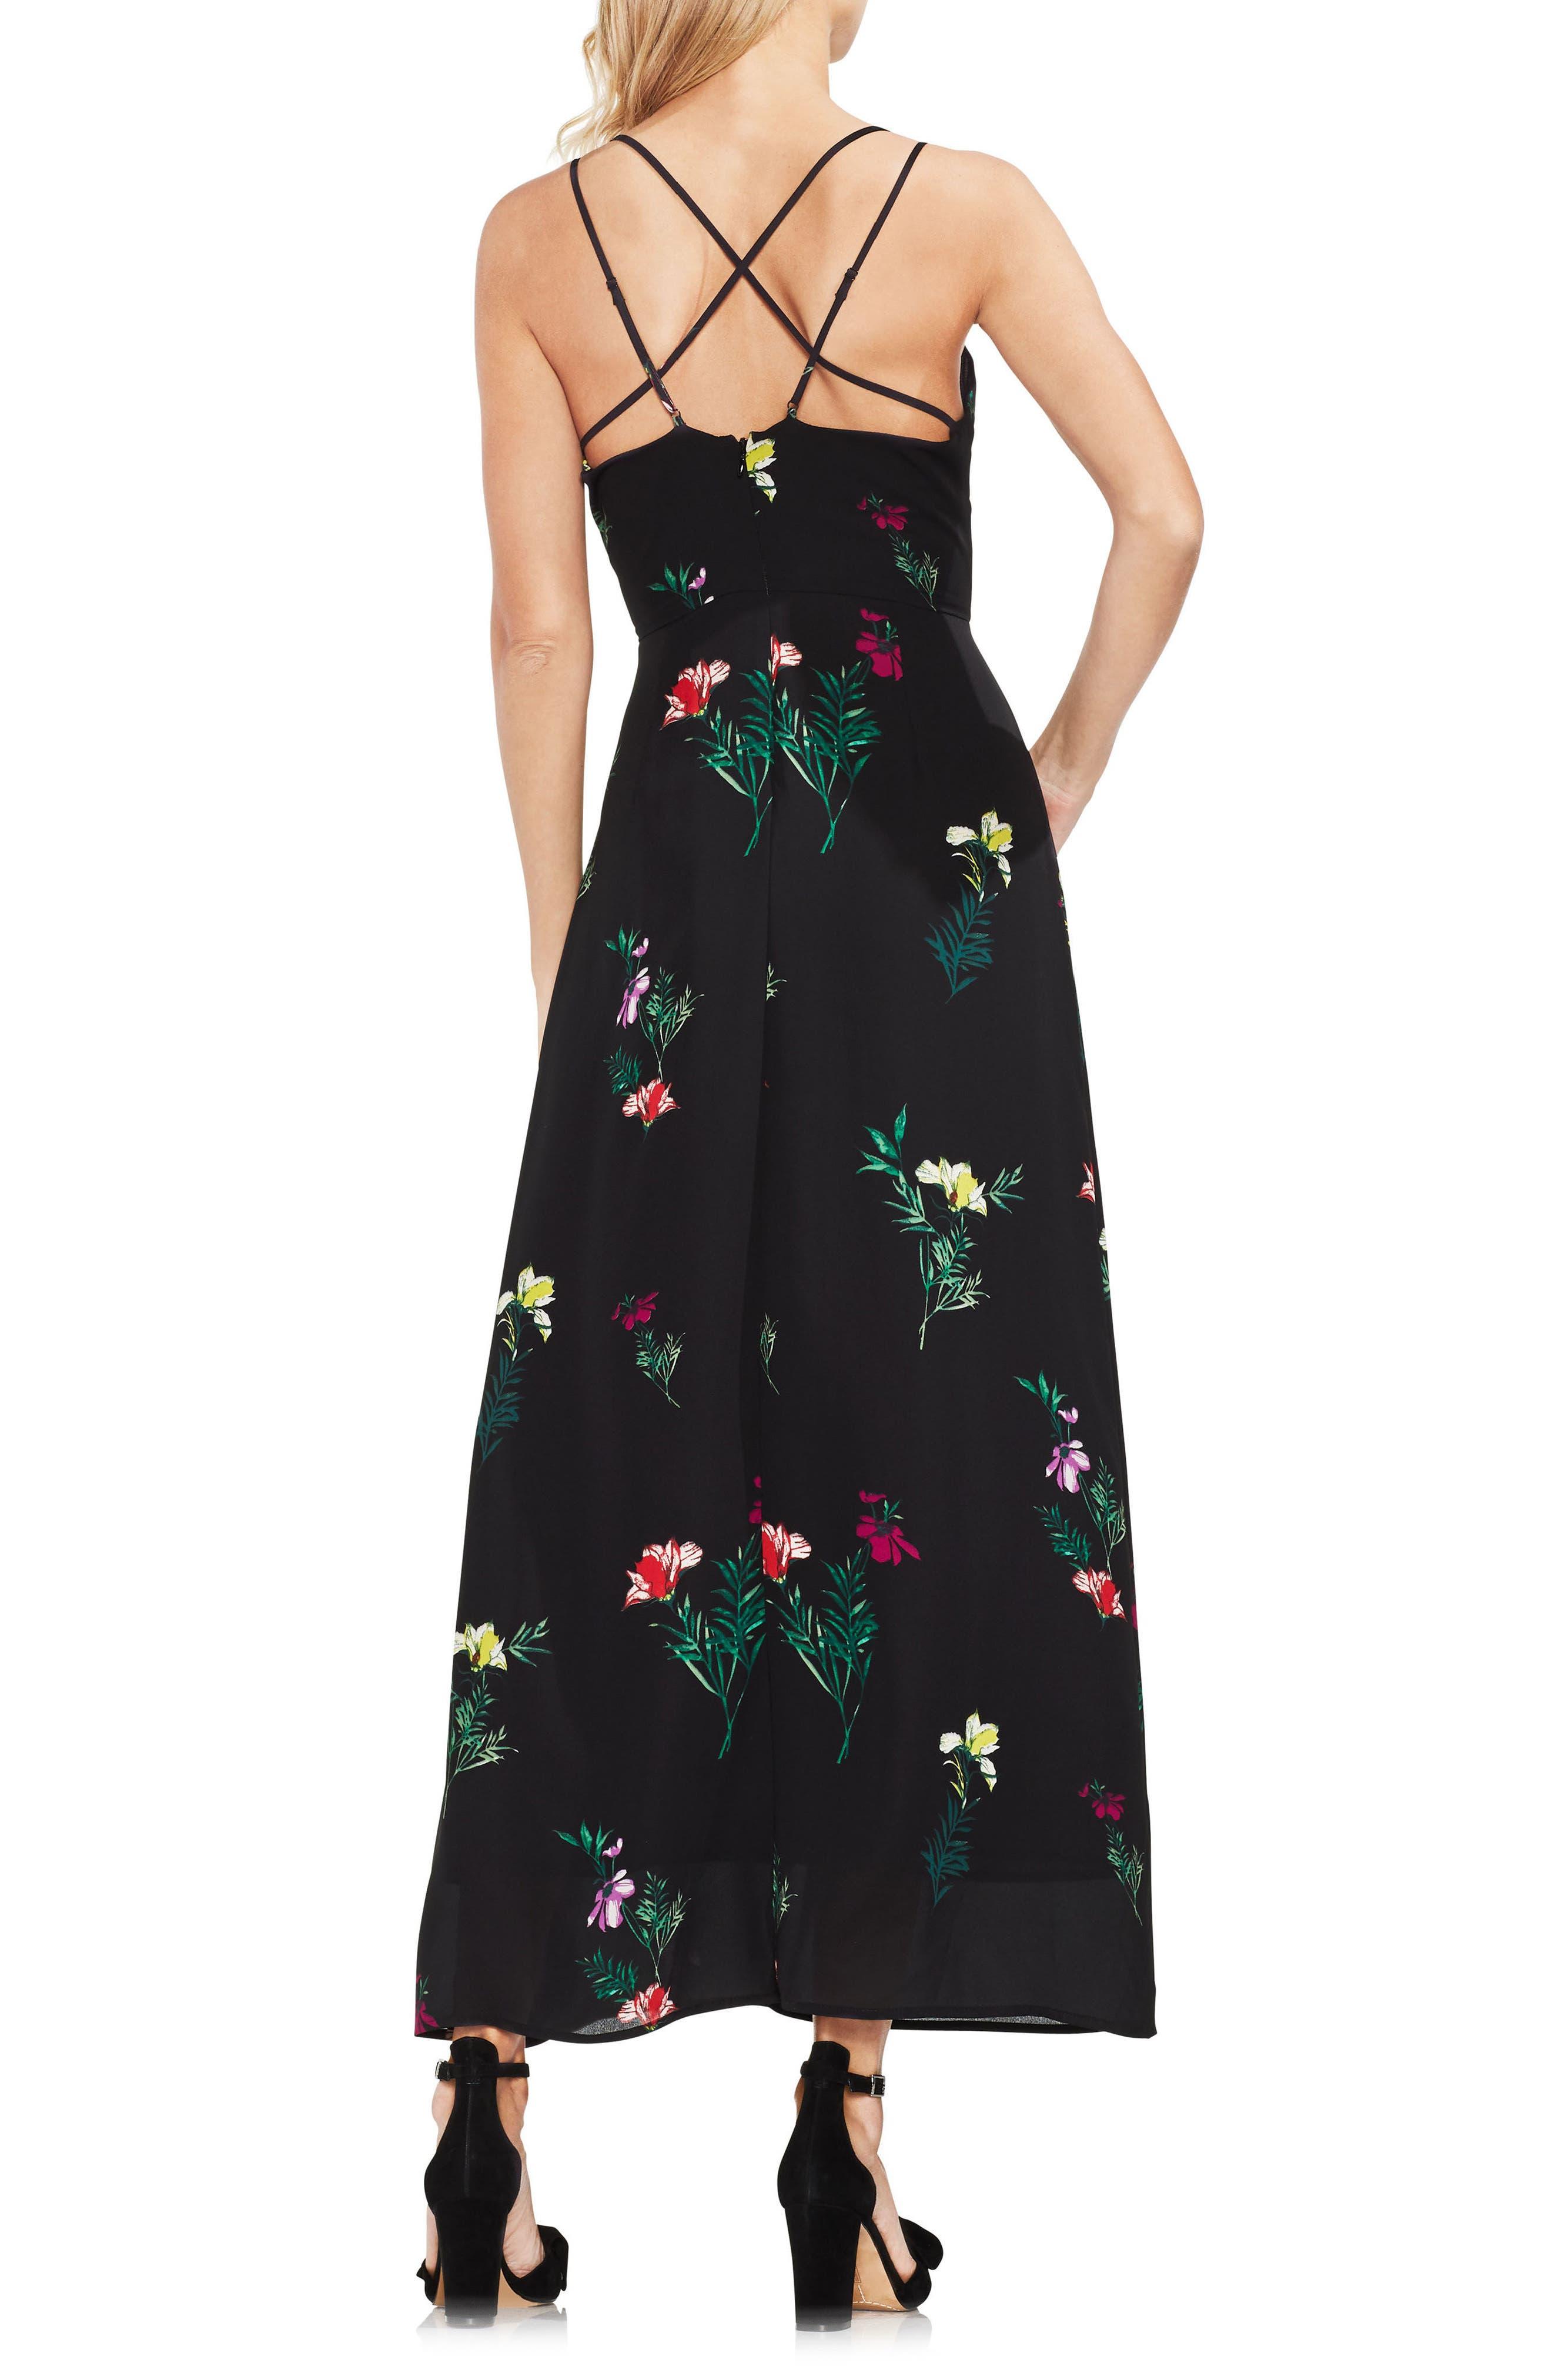 Tropical Garden Maxi Dress,                             Alternate thumbnail 2, color,                             001